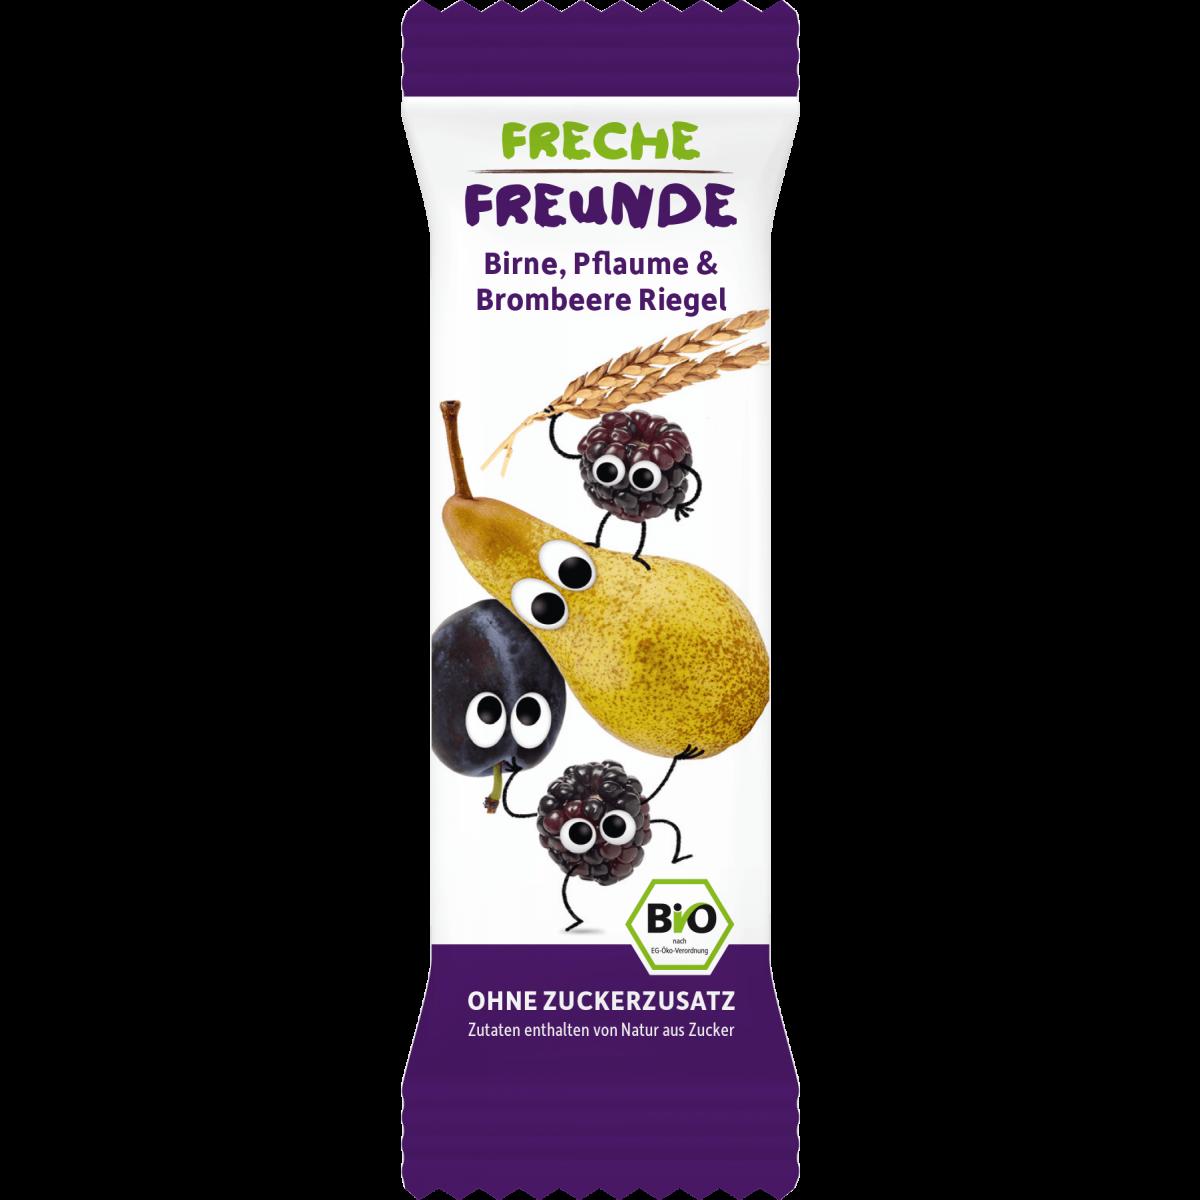 Freche Freunde Birne, Pflaume & Brombeere Riegel 4 x 23g (6er Pack)